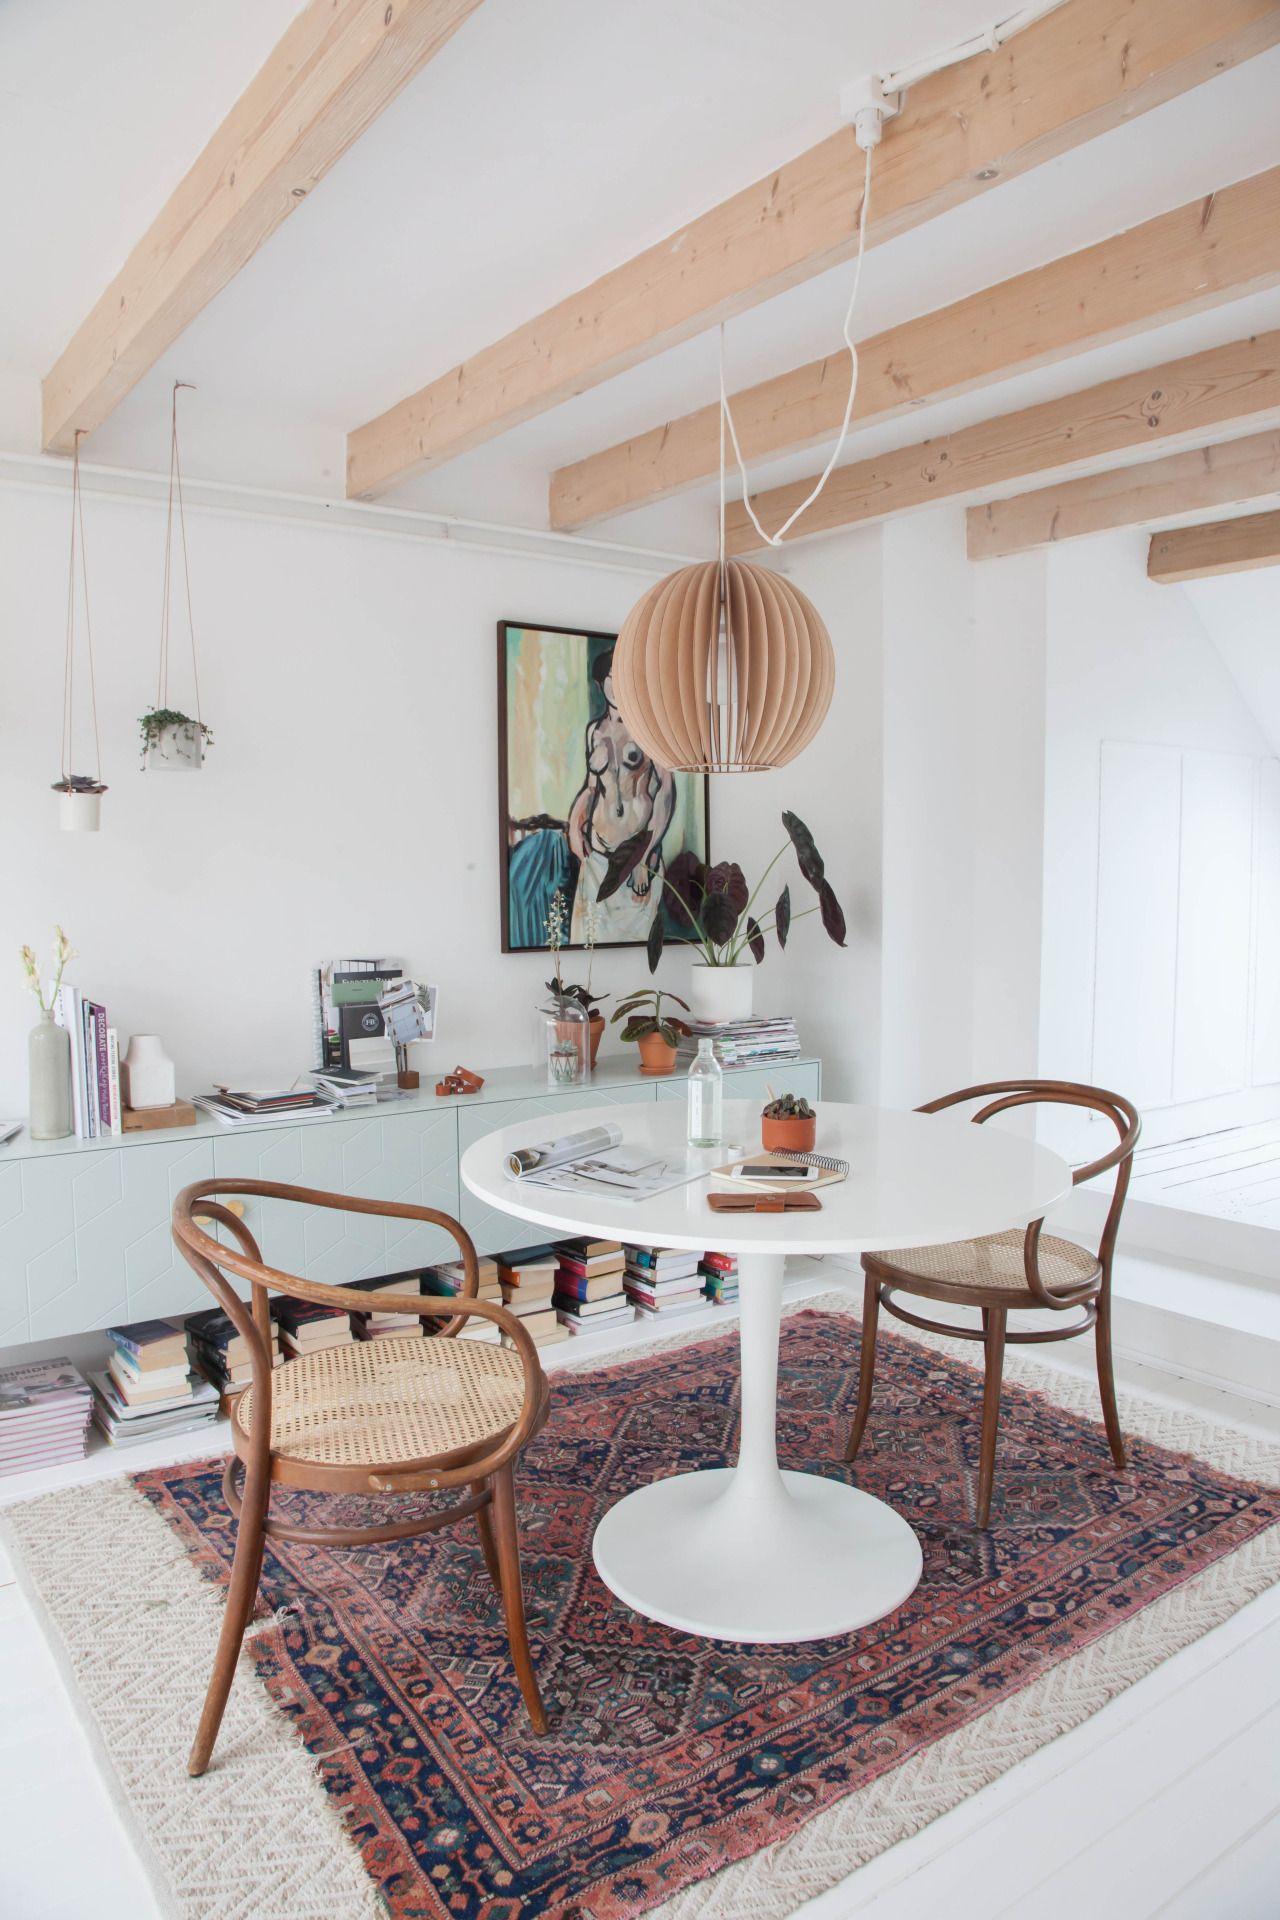 Kreative wohnideen kreative wohnideen zum nachmachen und inspirieren  espacios